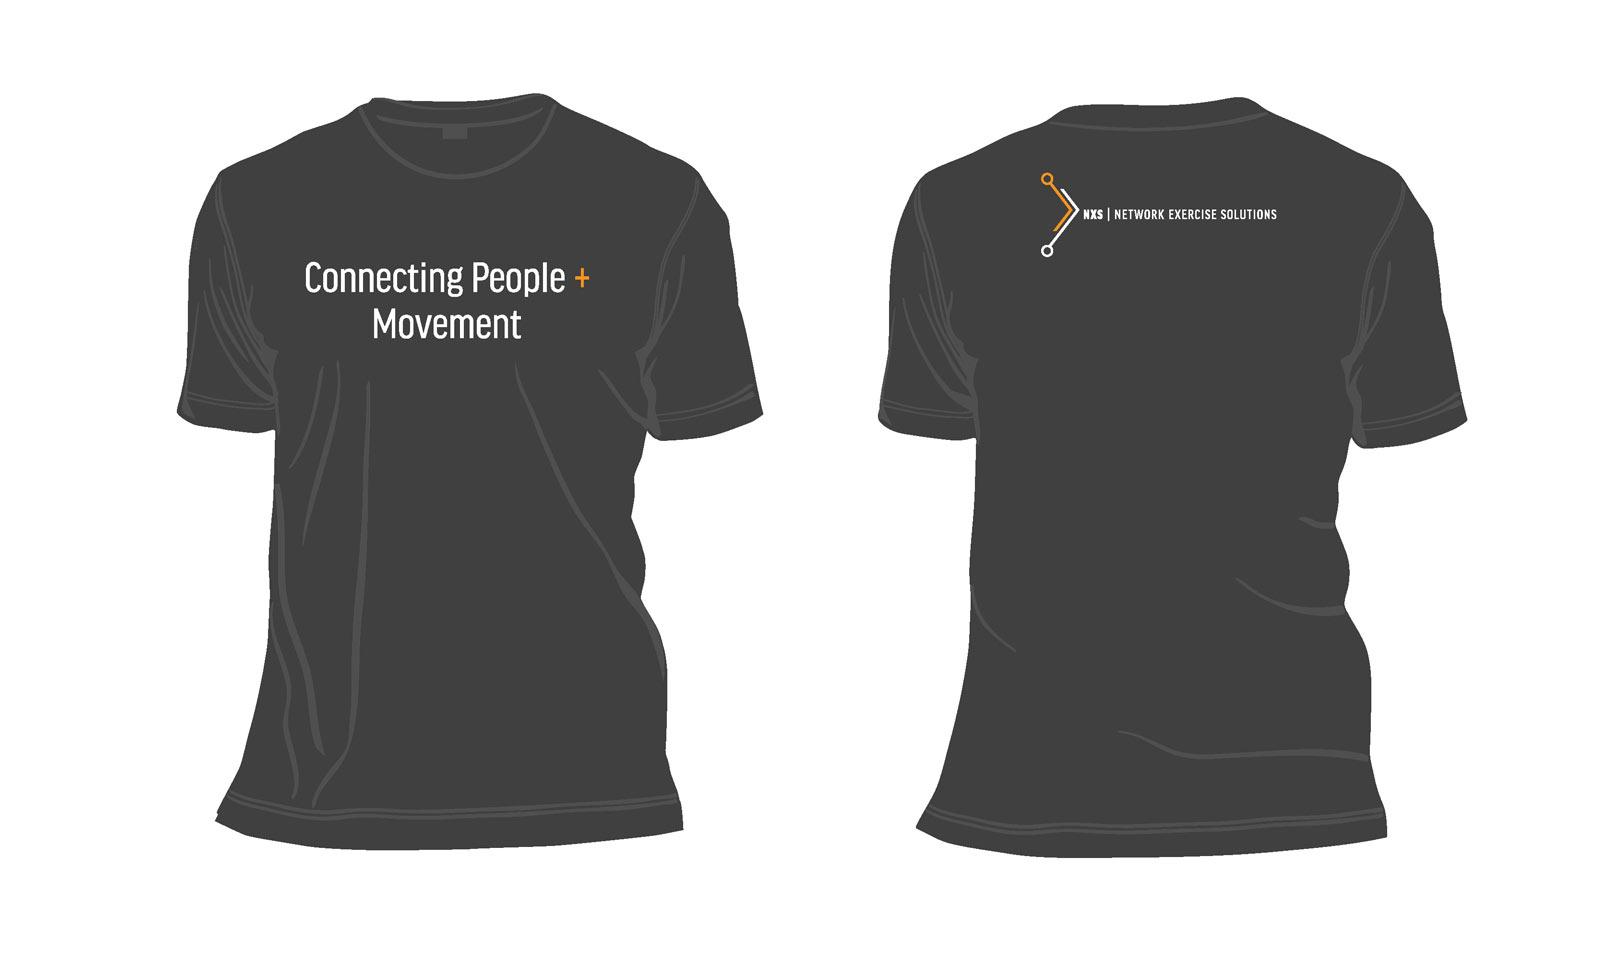 NXS Shirt Design by Mark Penacerrada via NVSBLAB.com